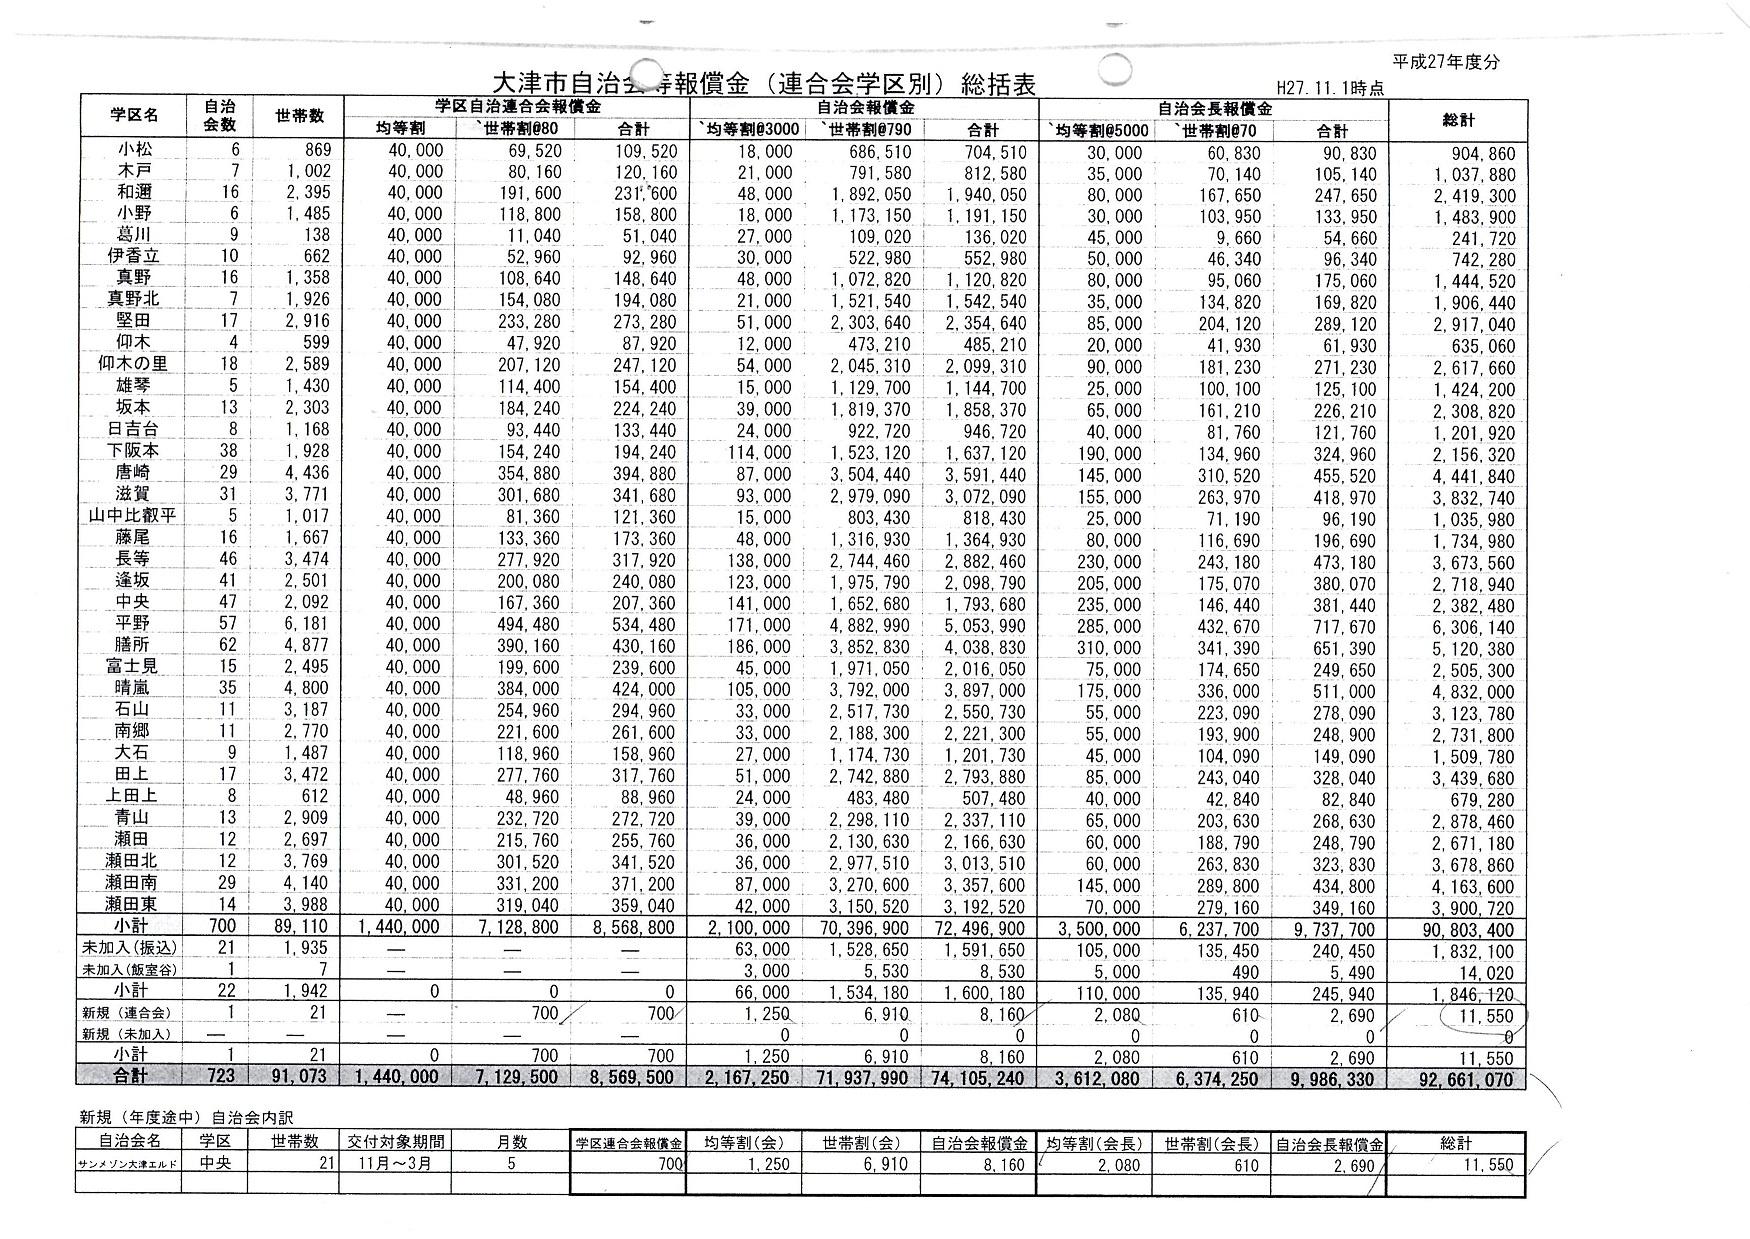 %e5%b9%b3%e6%88%9027%e5%b9%b4%e5%ba%a6%e5%a4%a7%e6%b4%a5%e5%b8%82%e8%87%aa%e6%b2%bb%e4%bc%9a%e7%ad%89%e5%a0%b1%e5%84%9f%e9%87%91